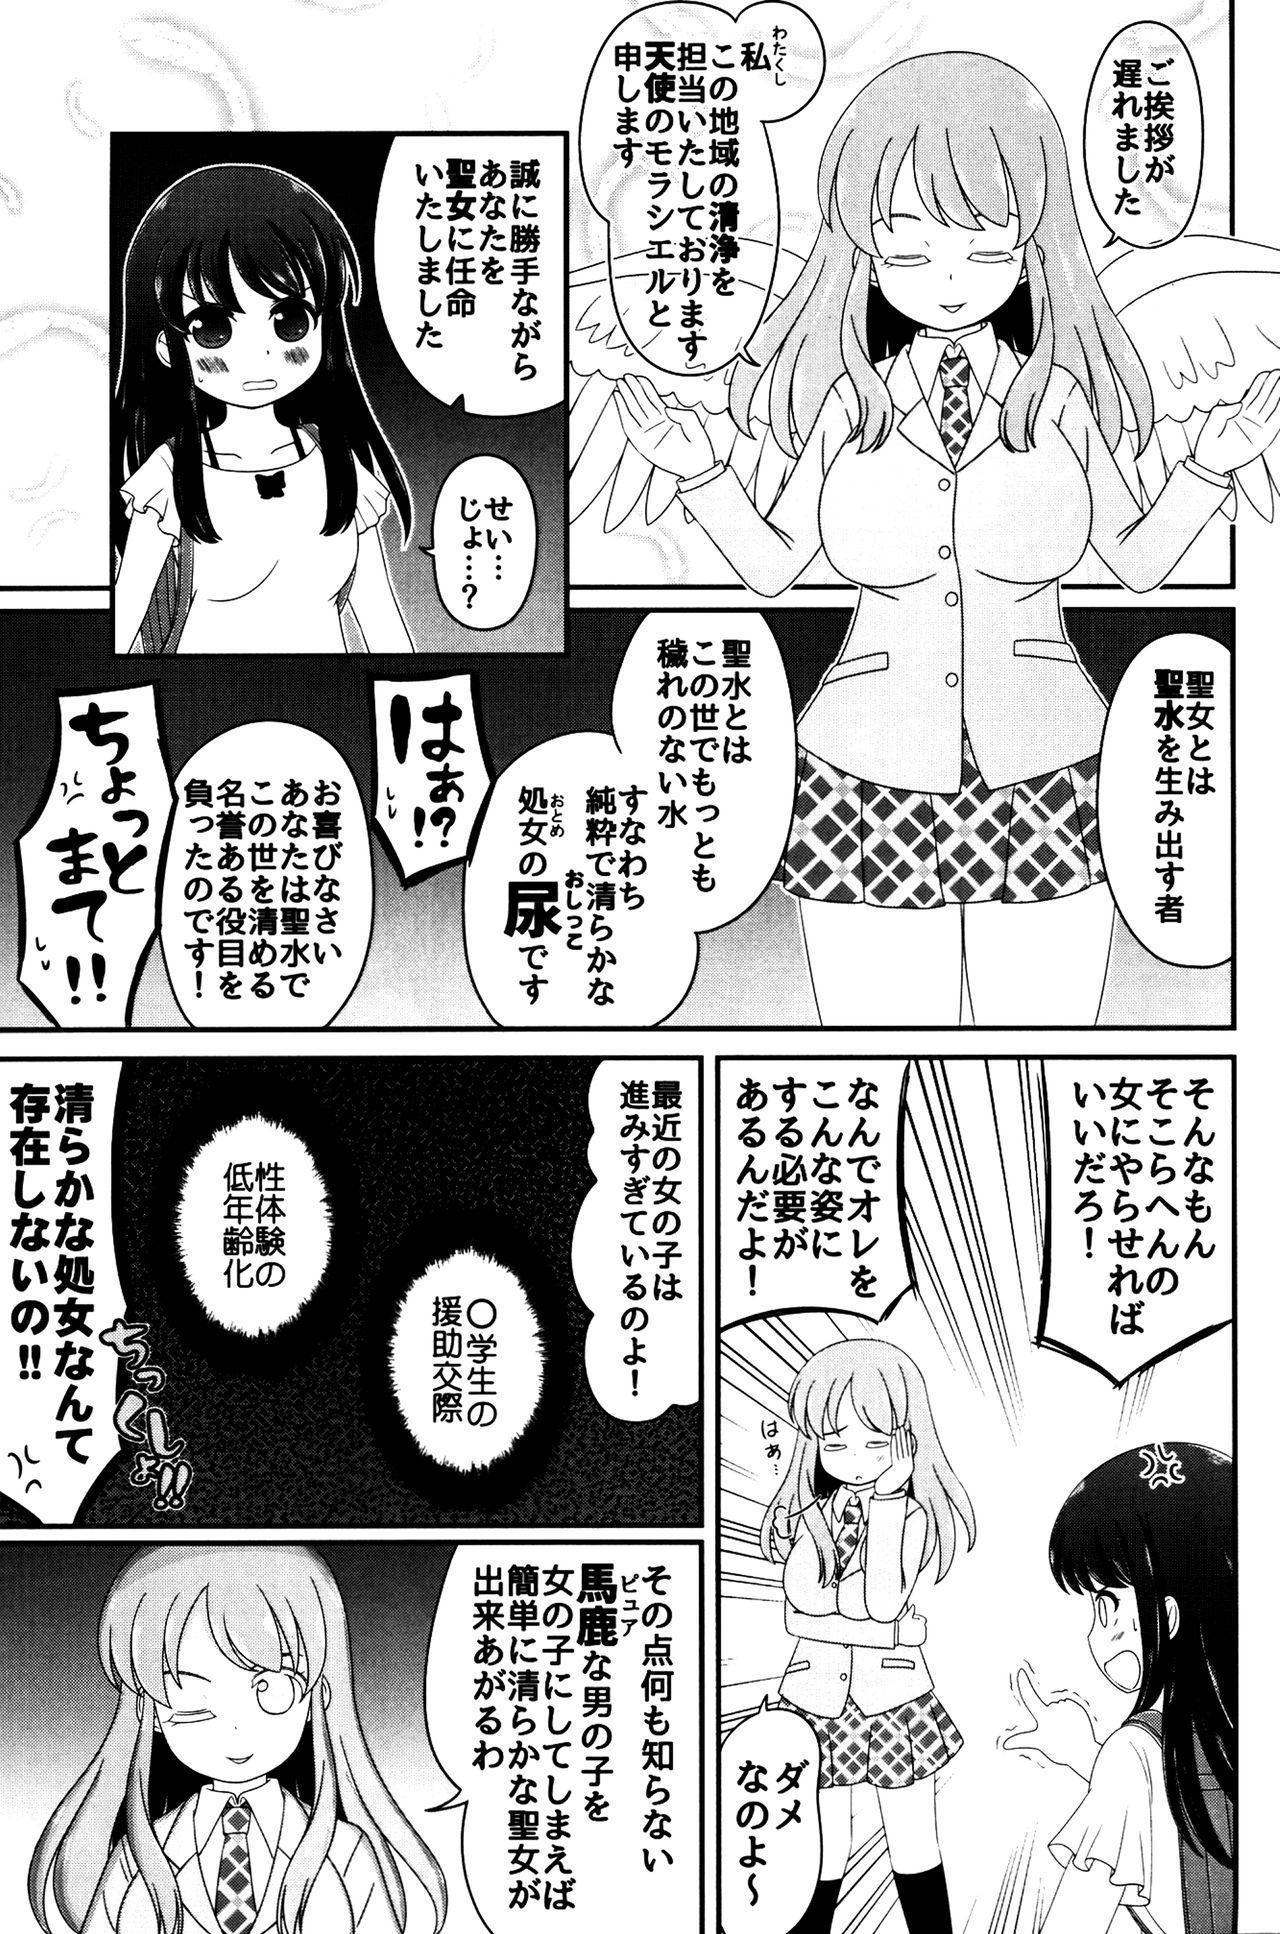 Furimake! Holy Water 9